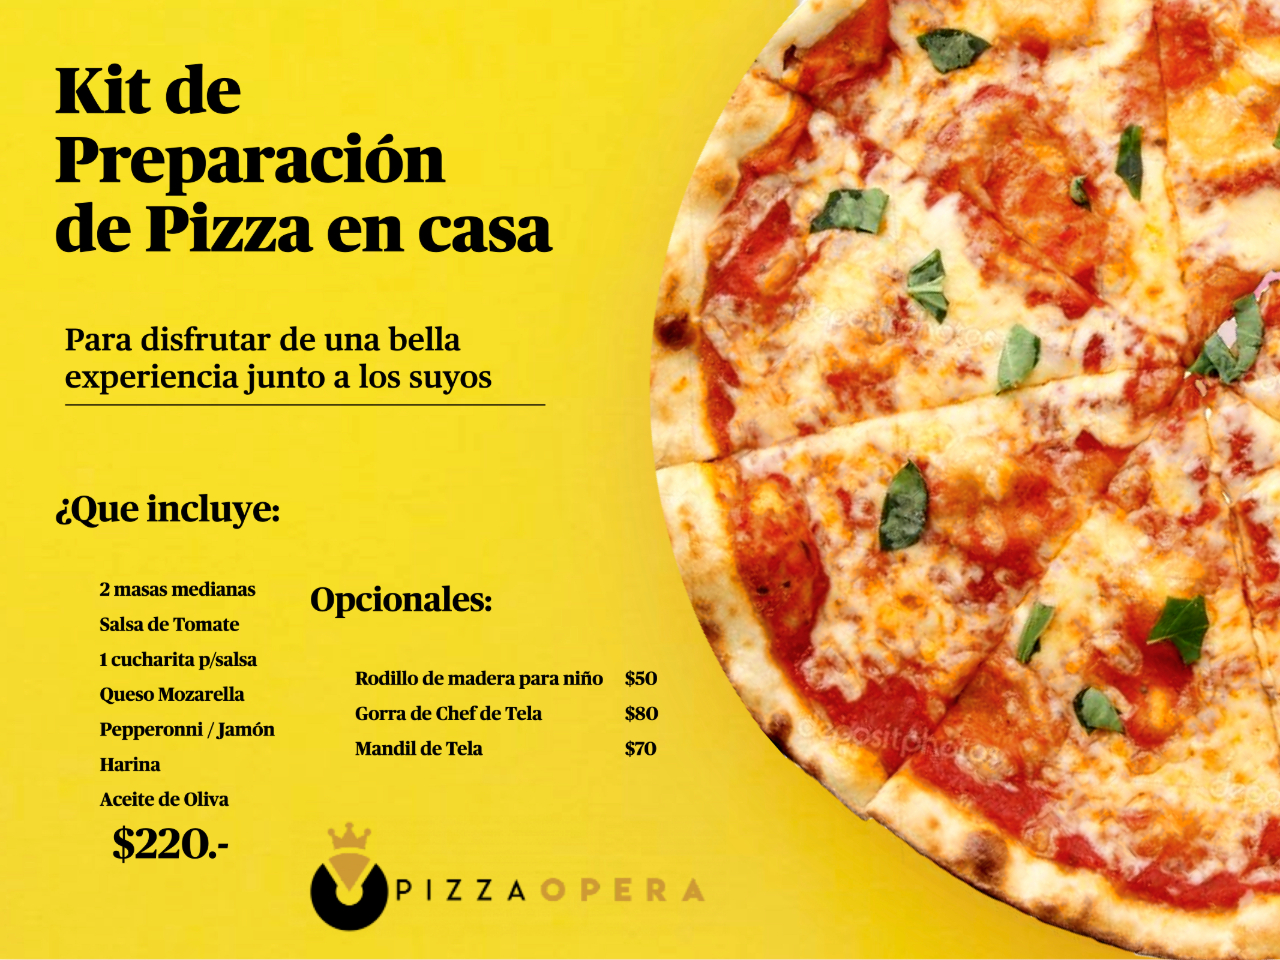 Kit de Preparación de Pizza en Casa